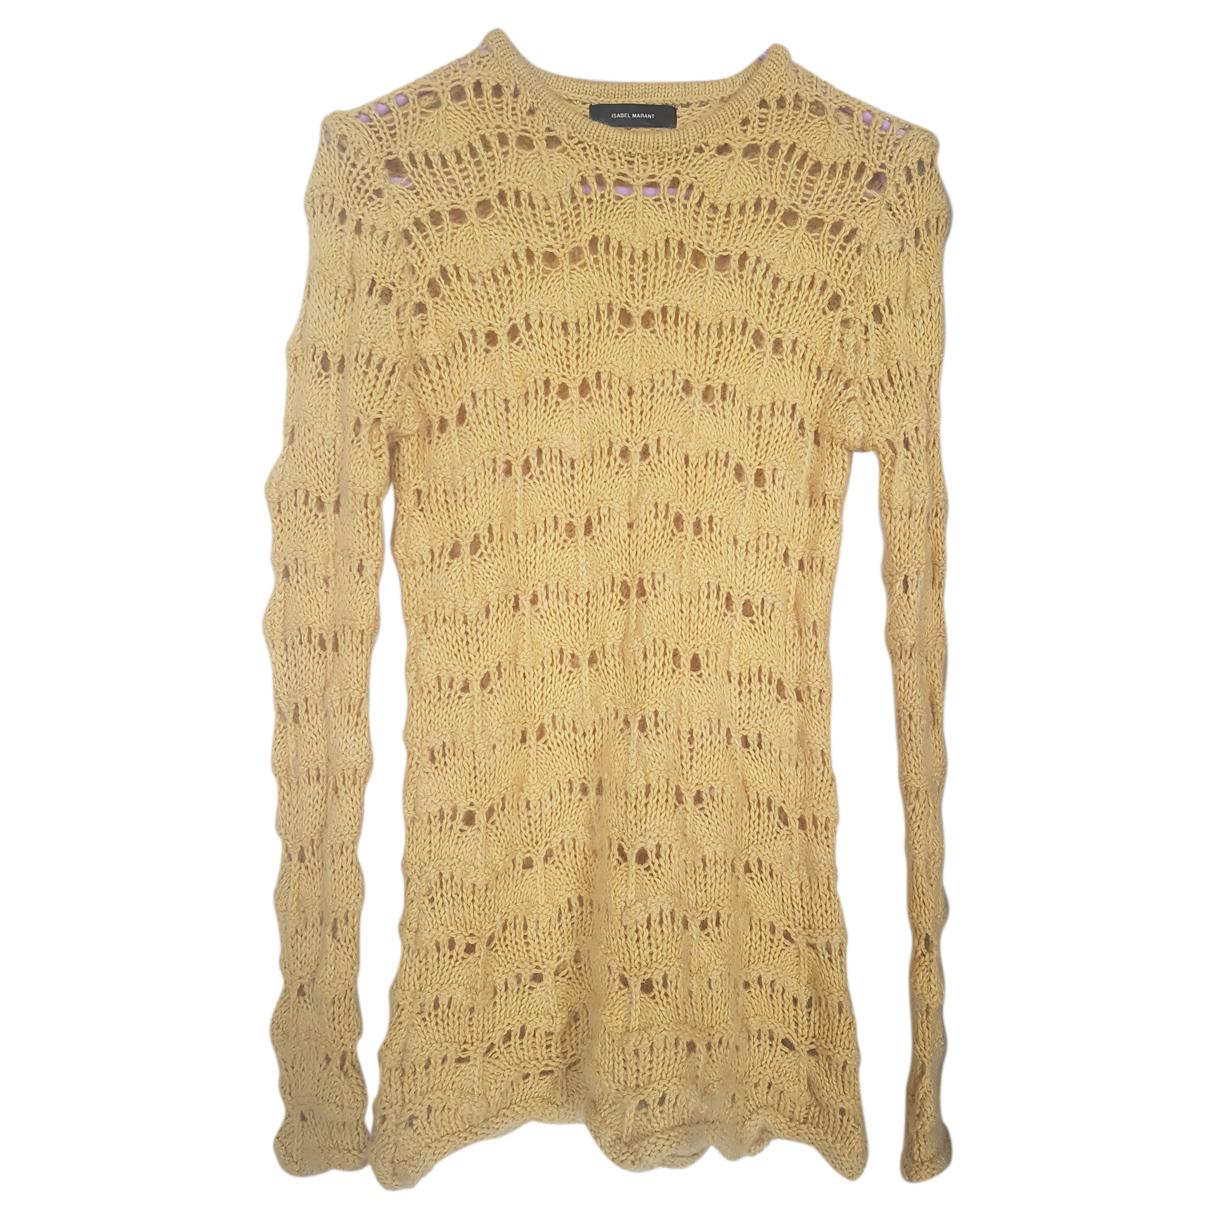 Isabel Marant N Yellow Wool Knitwear for Women 36 FR